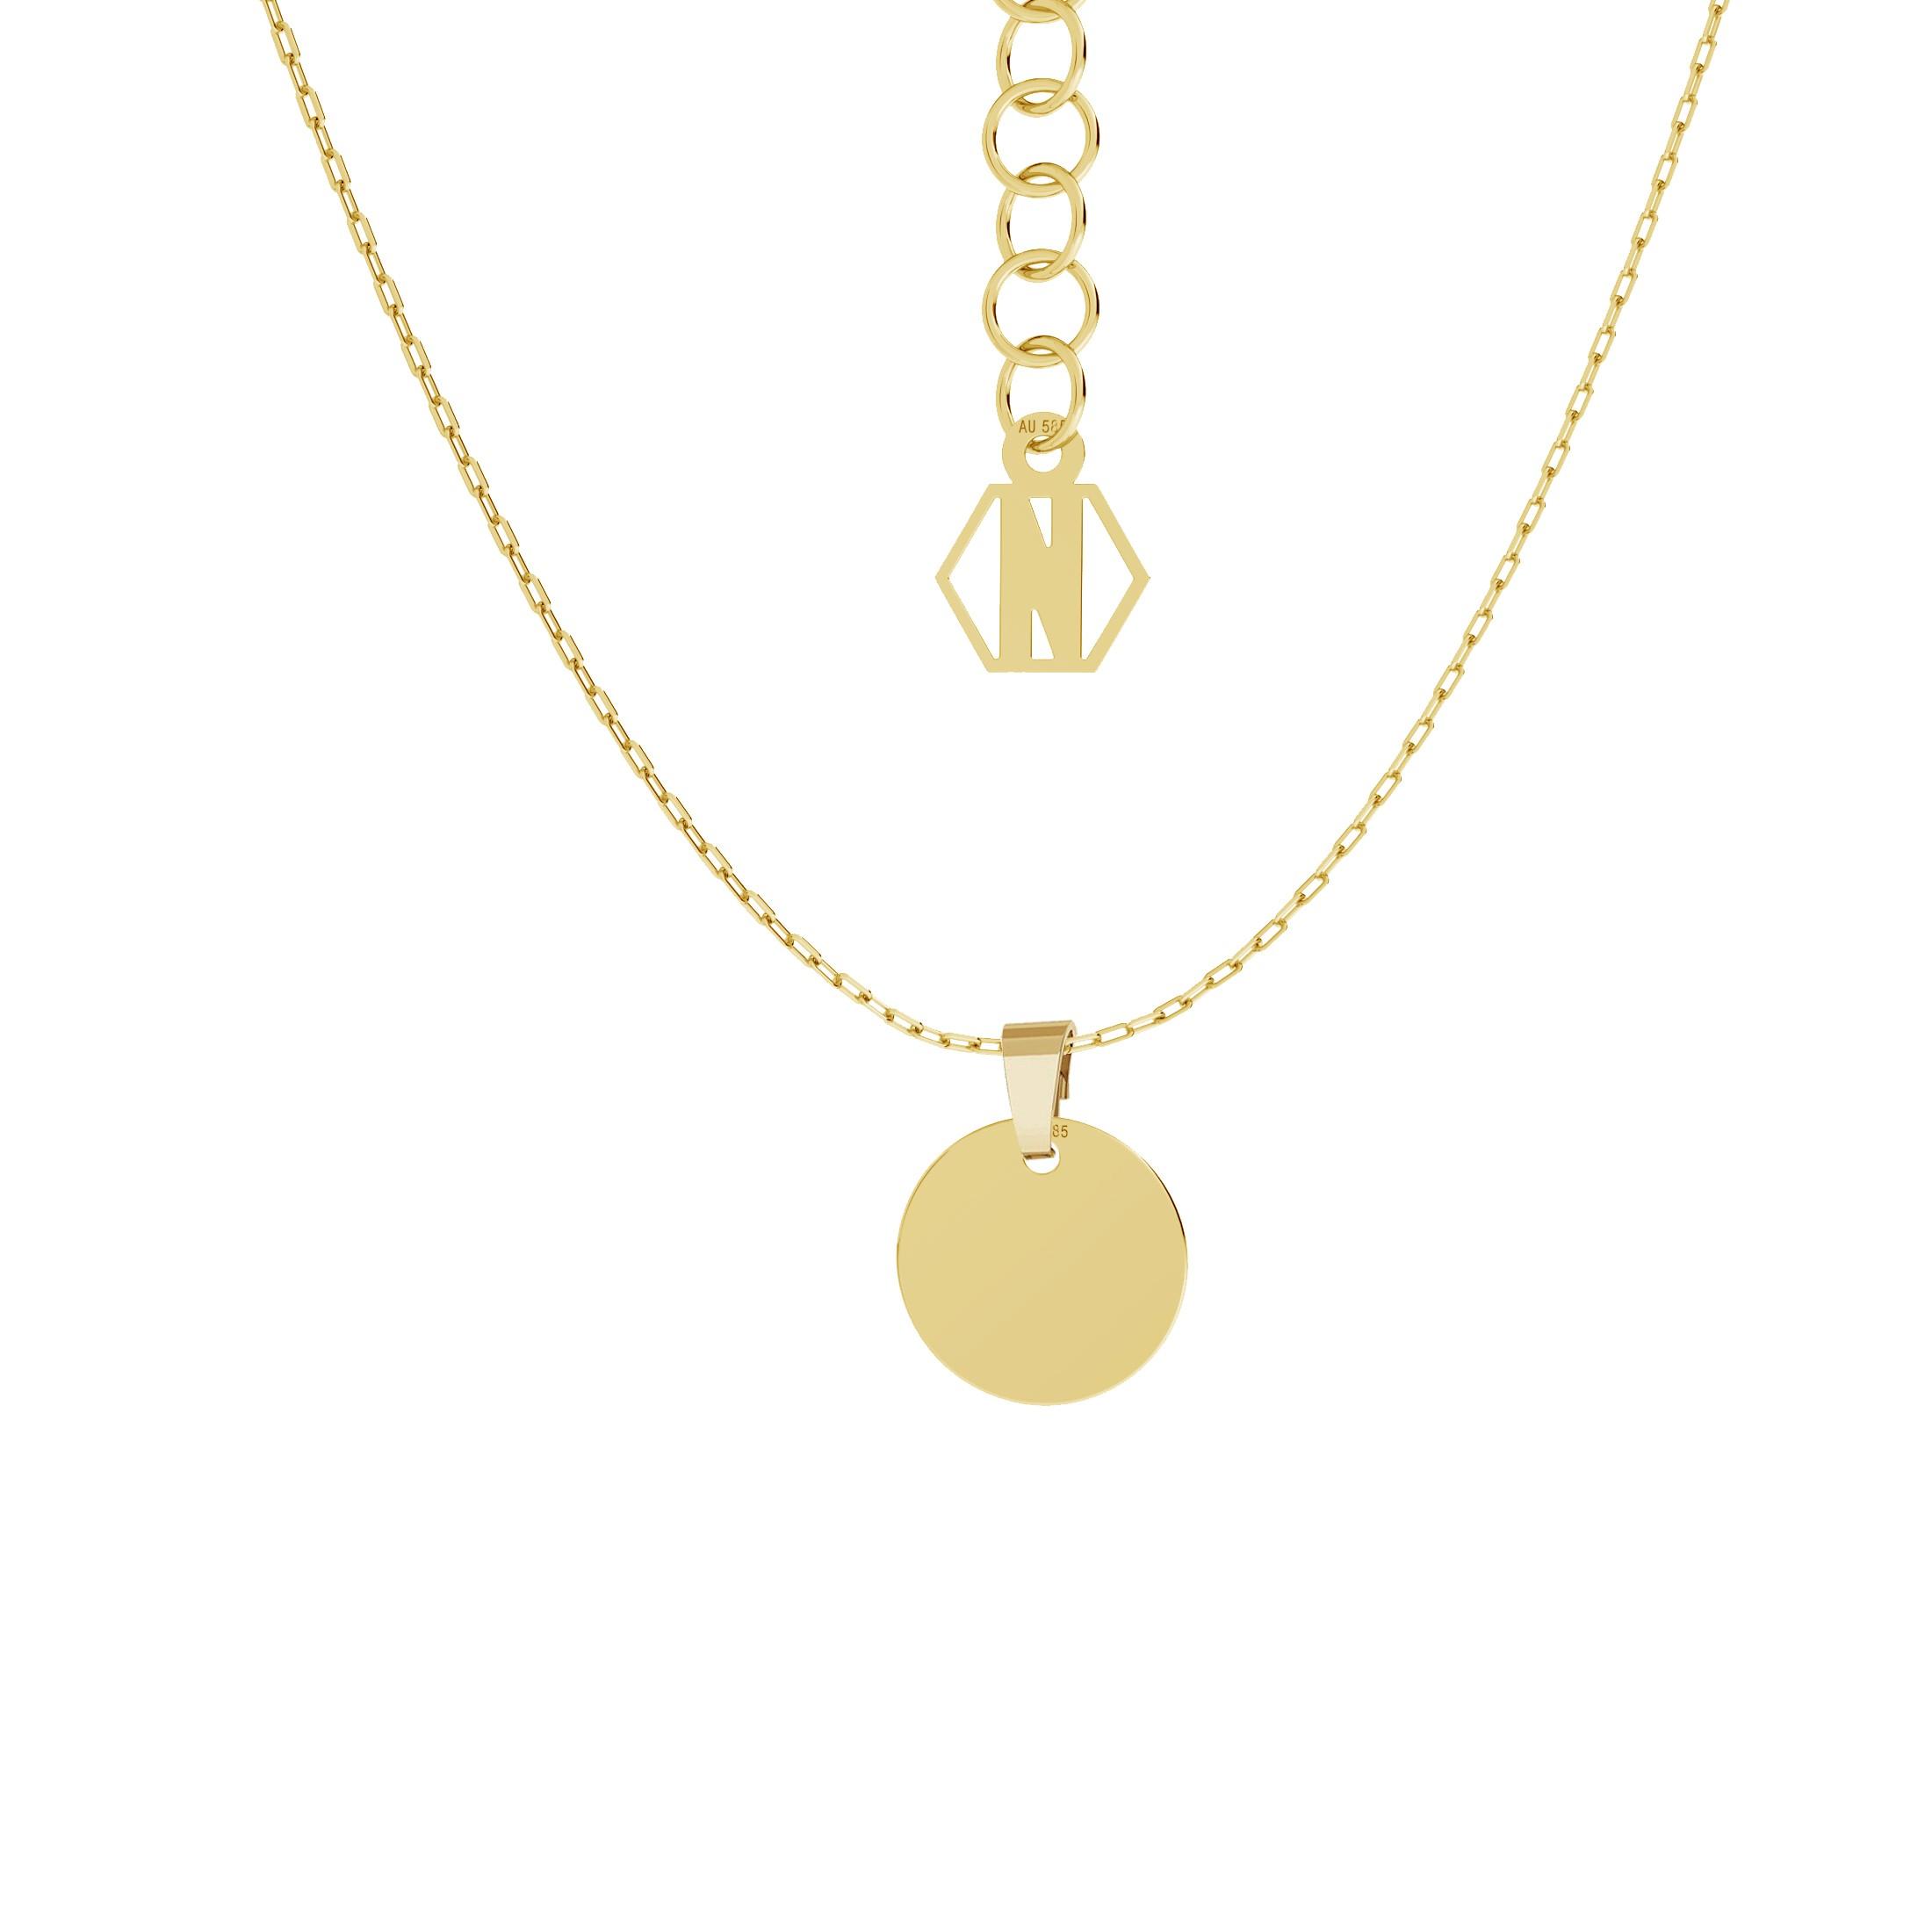 Złoty naszyjnik celebrytka koło, grawer, AU 585, Nikki Lund